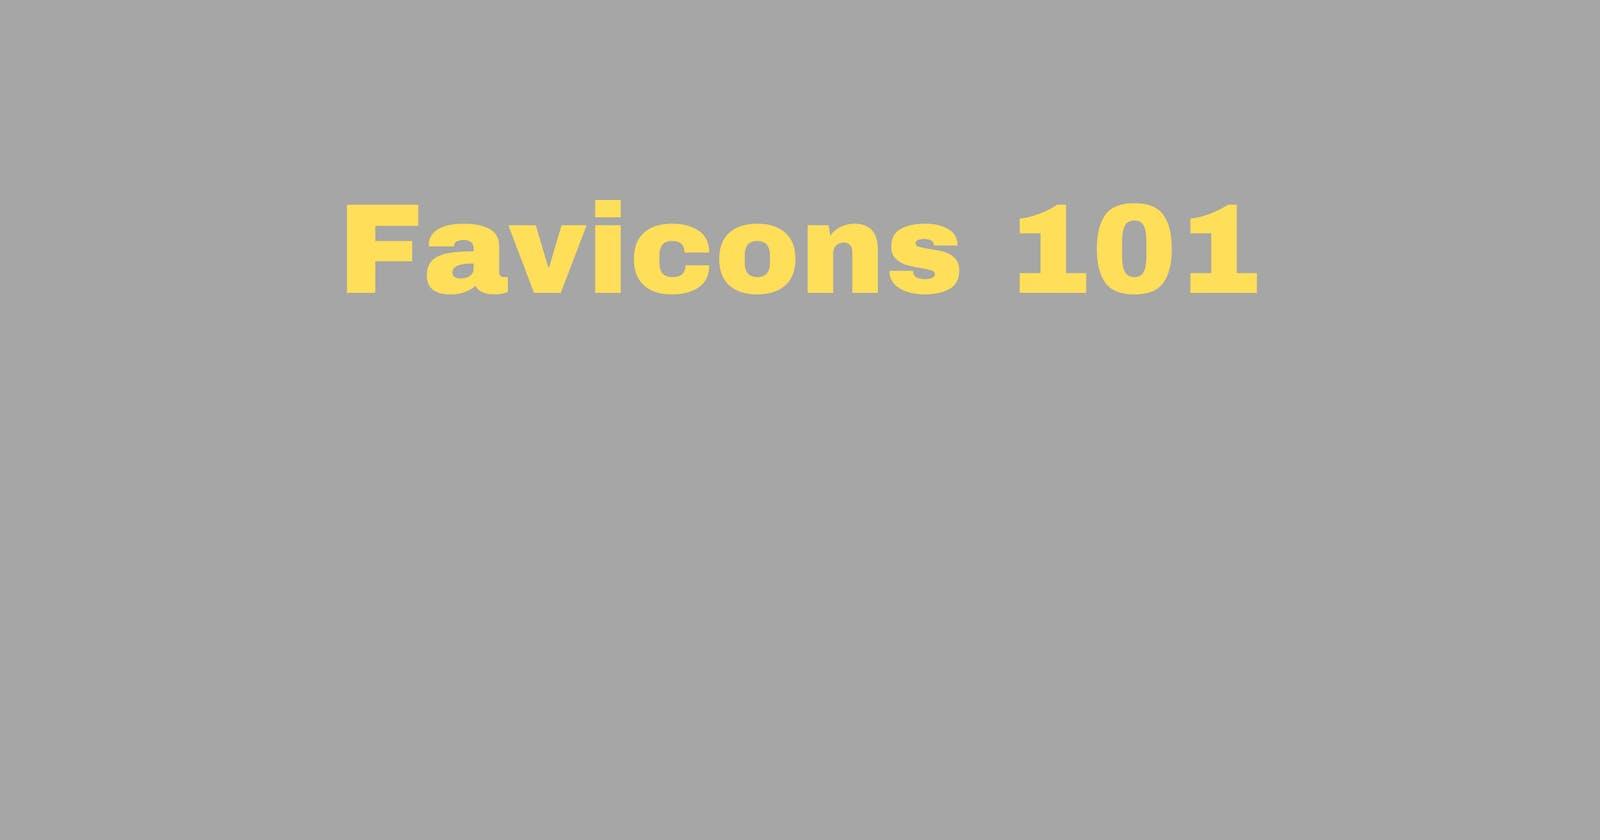 Creating a Favicon 101